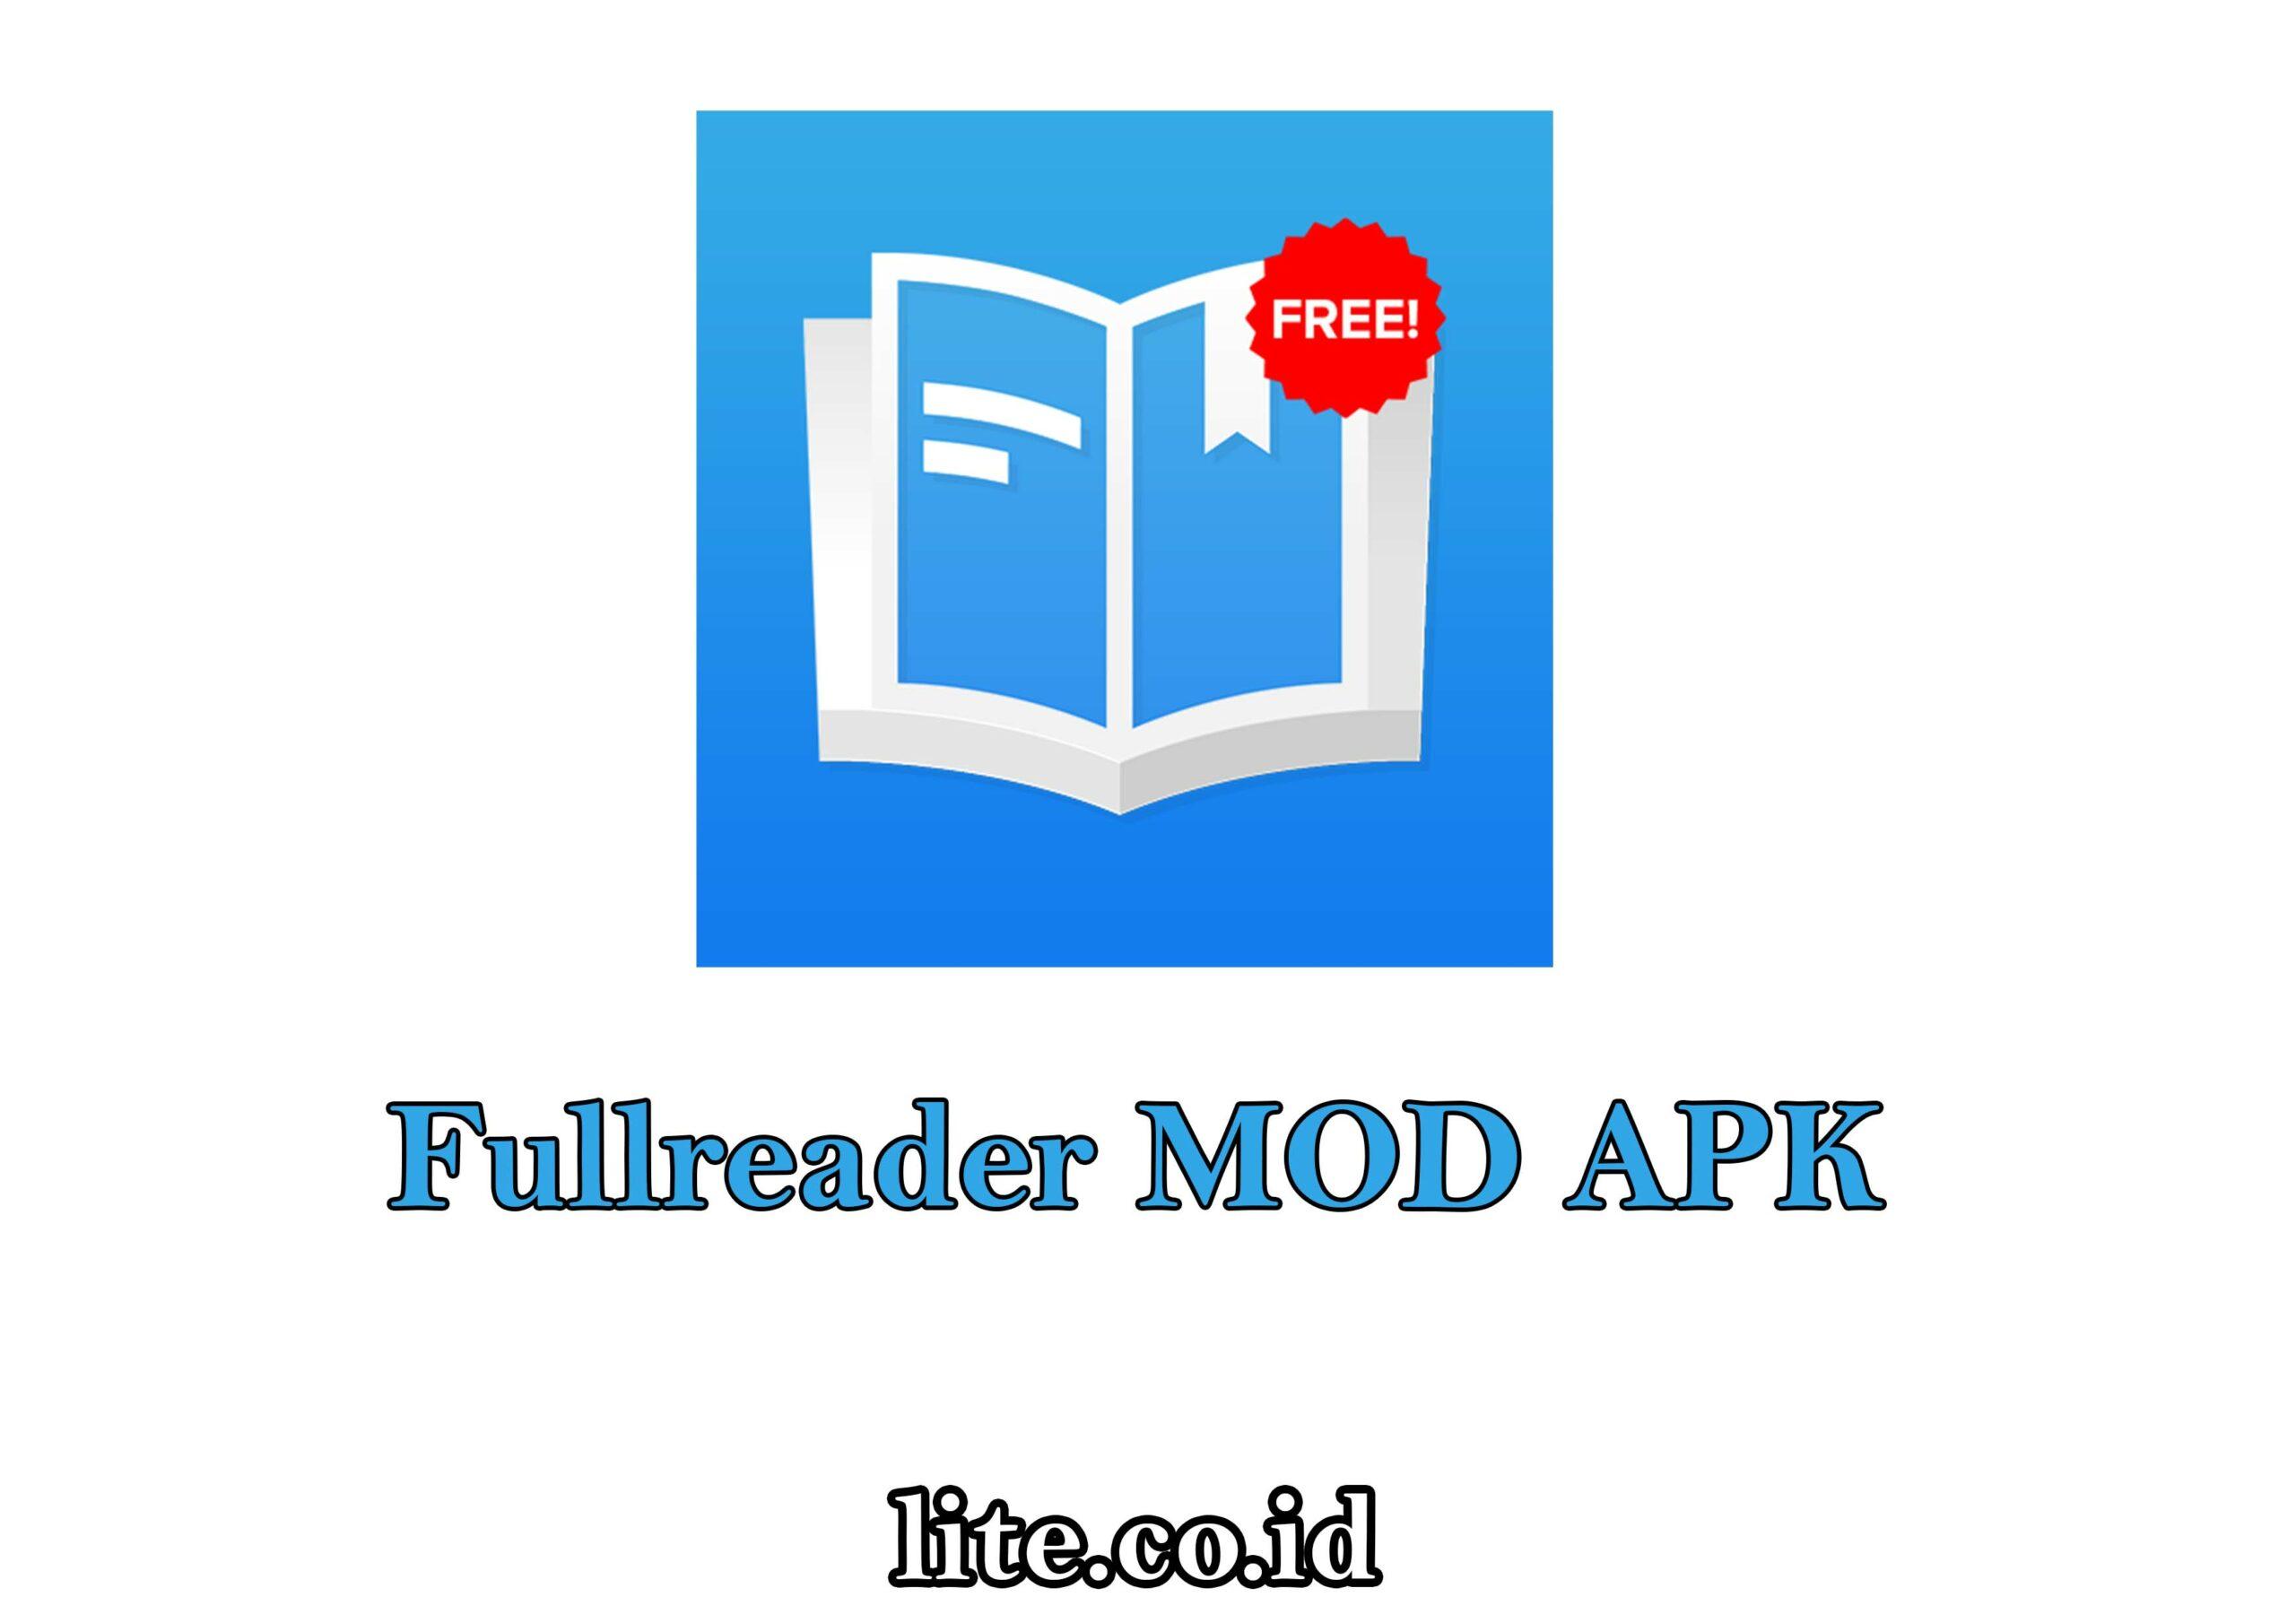 fullreader premium mod apk